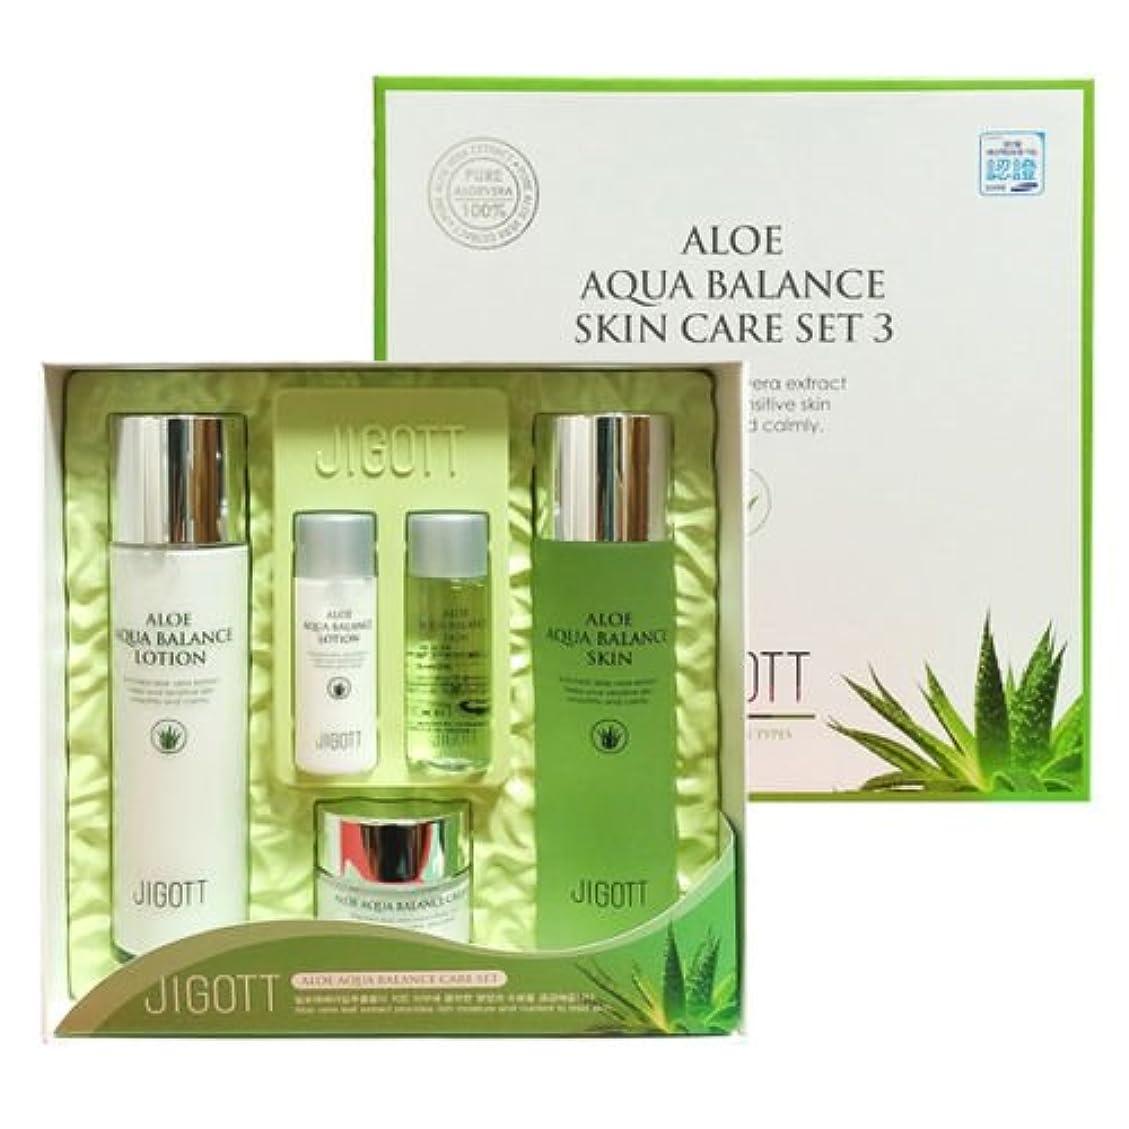 知恵ピルファー減らすジゴトゥ[韓国コスメJigott]Aloe Aqua Balance Skin Care 3 Set アロエアクアバランススキンケア3セット樹液,乳液,クリーム [並行輸入品]